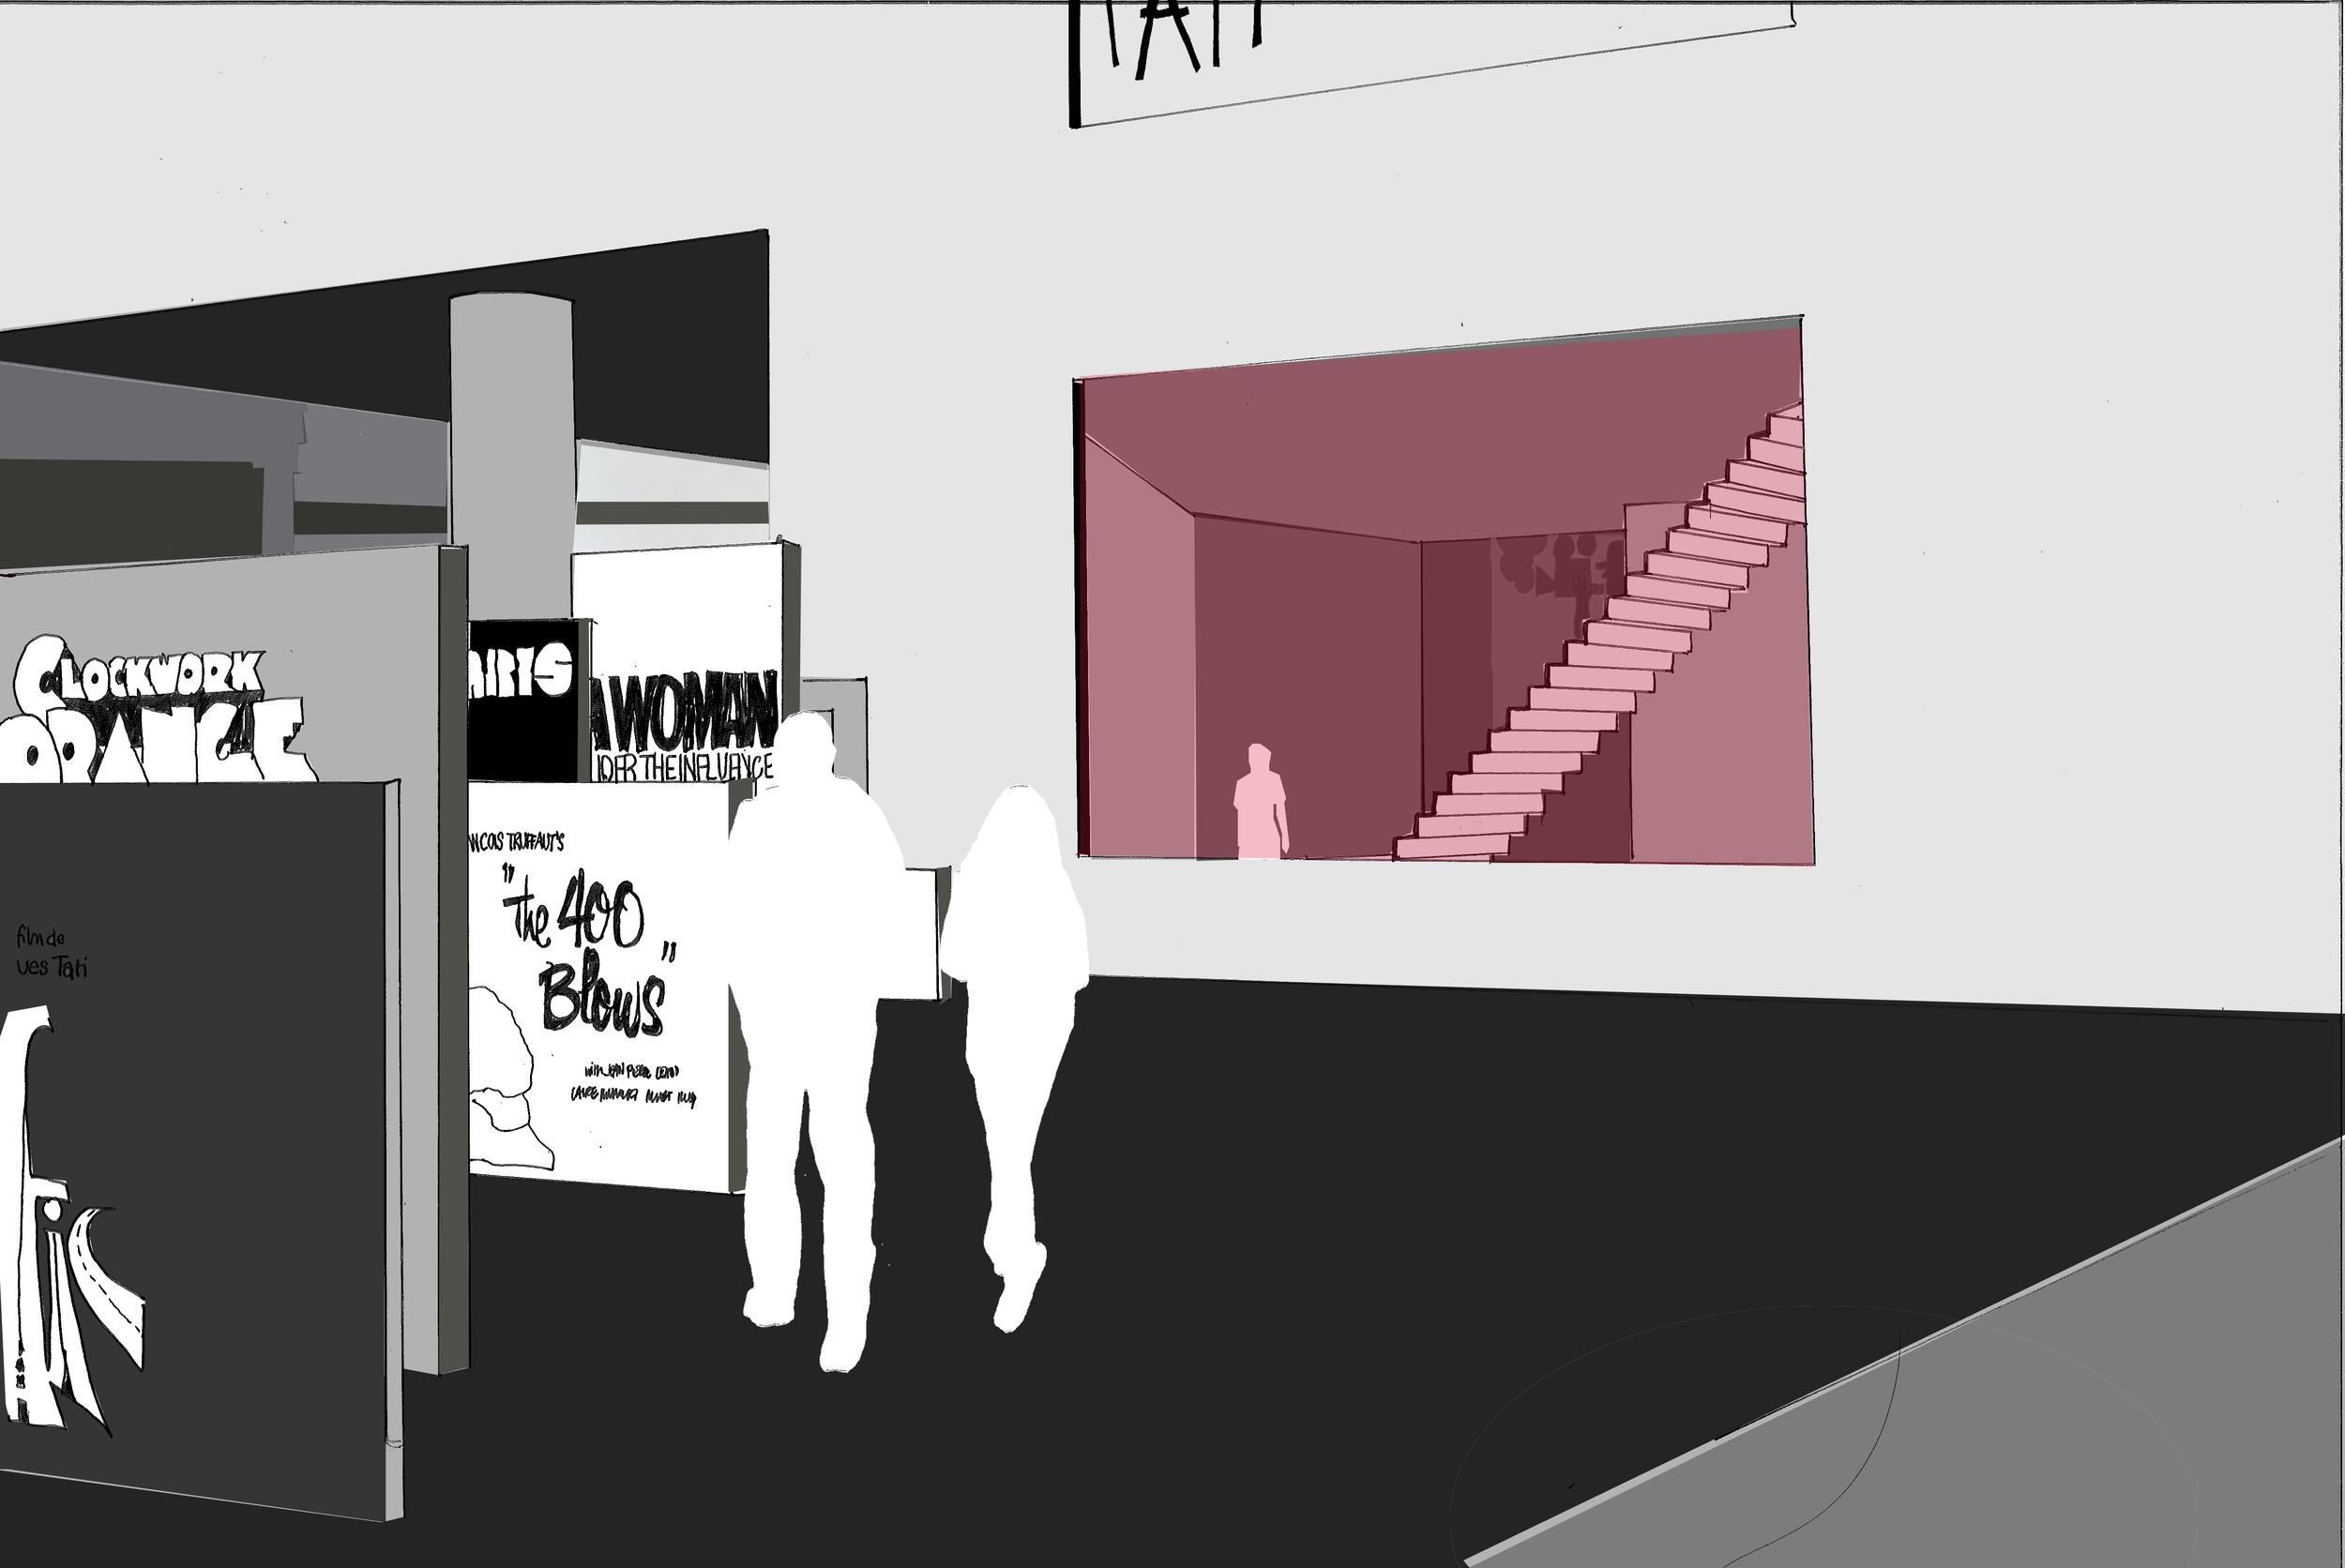 corner by entry.jpg